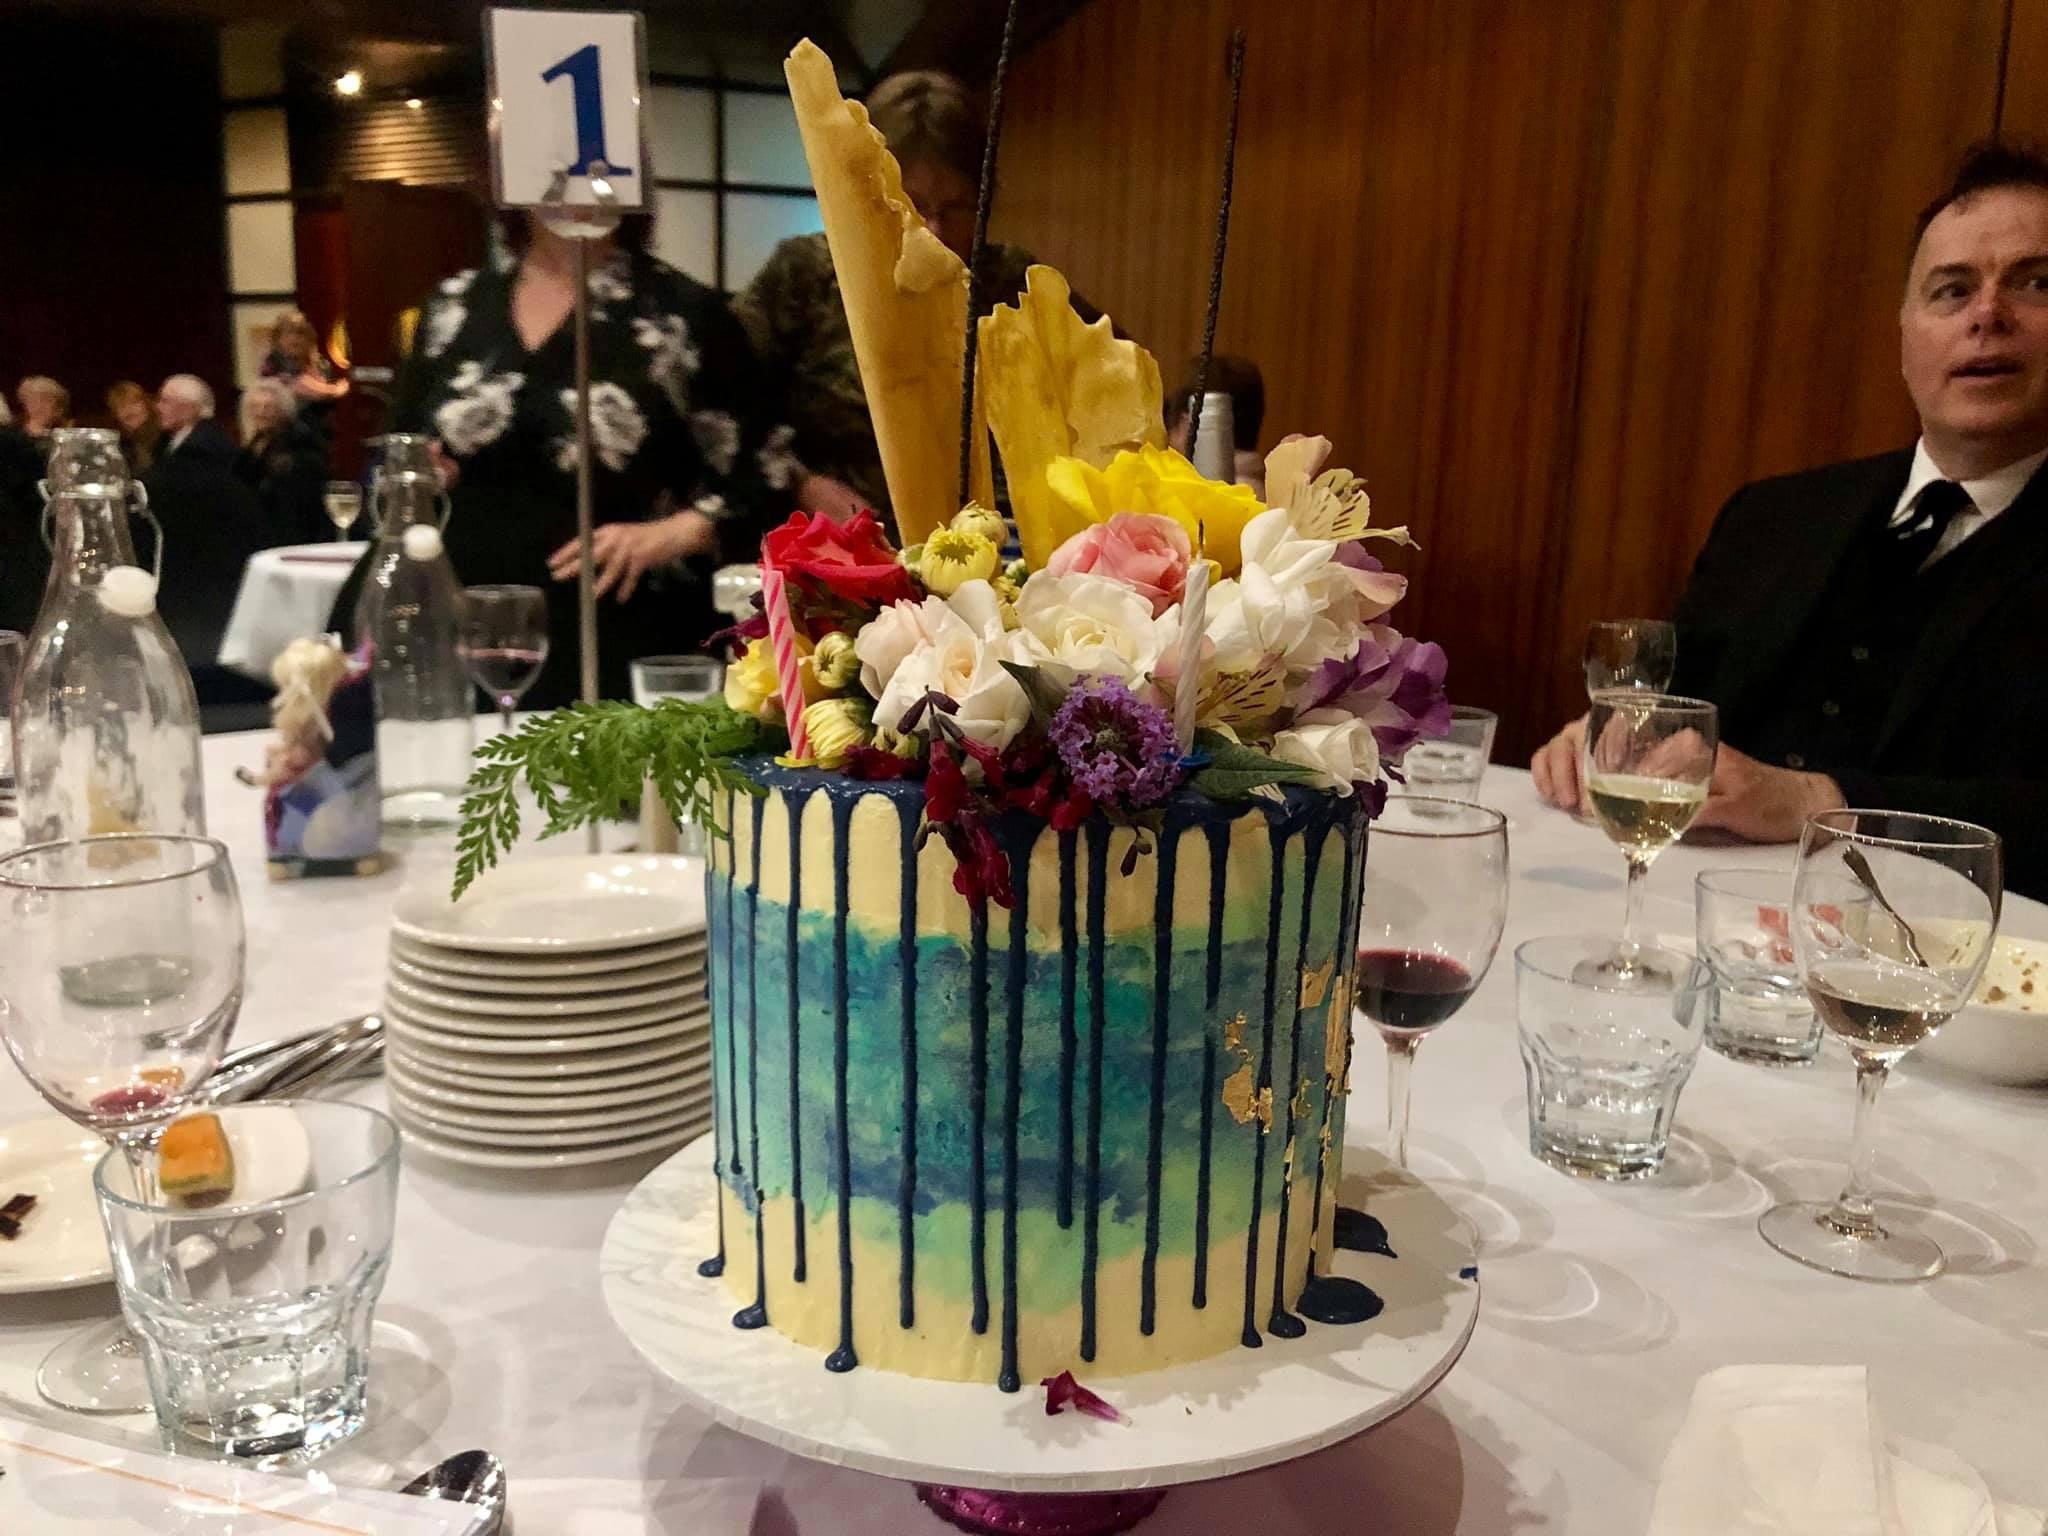 David Robinson Birthday in Australia1.jpg